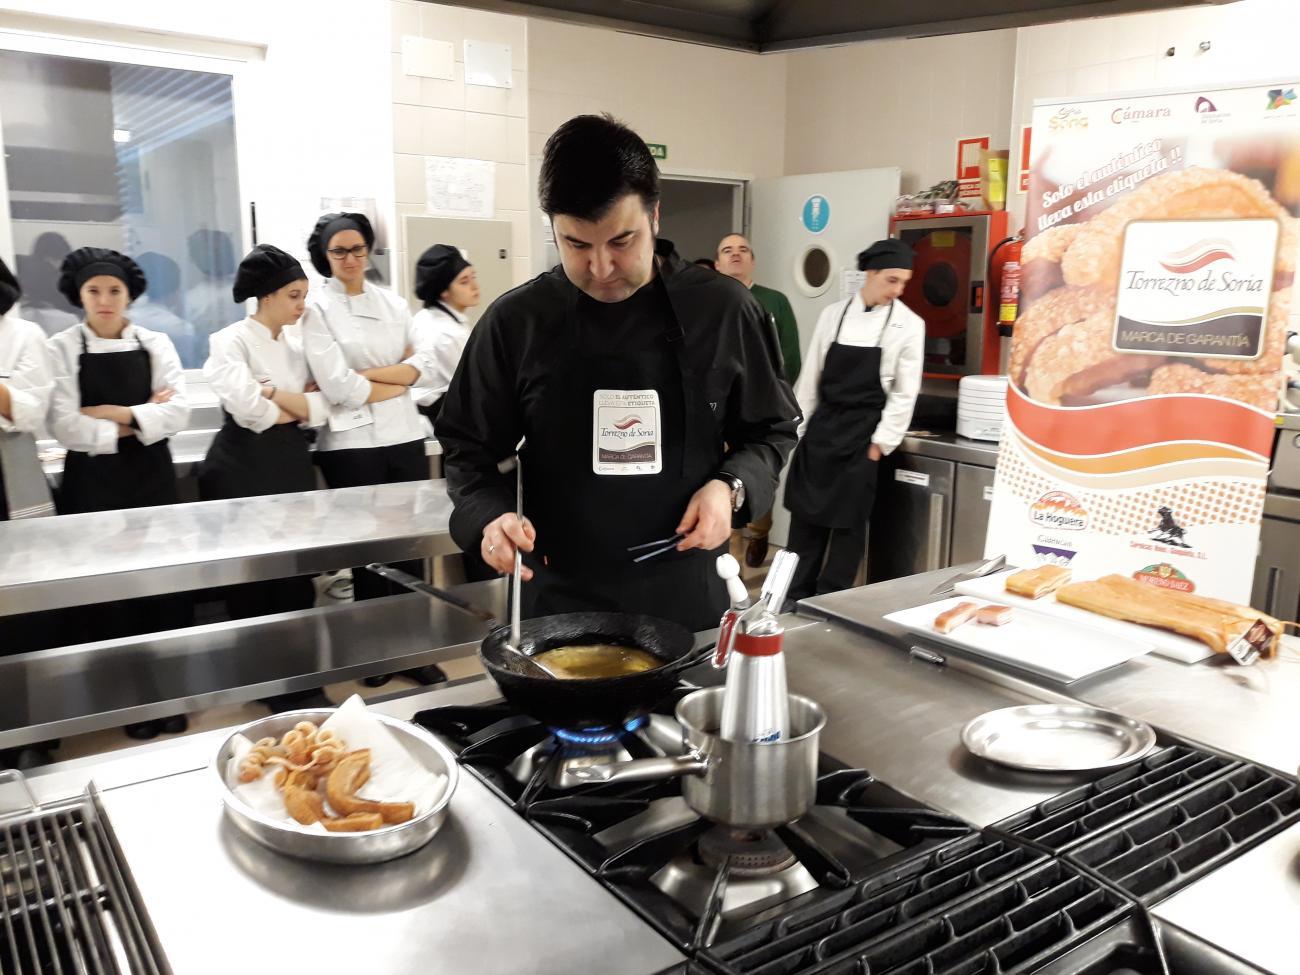 Un centenar de estudiantes de Hostelería de Burgos y León aprenden a hacer  el Mejor Torrezno de Soria